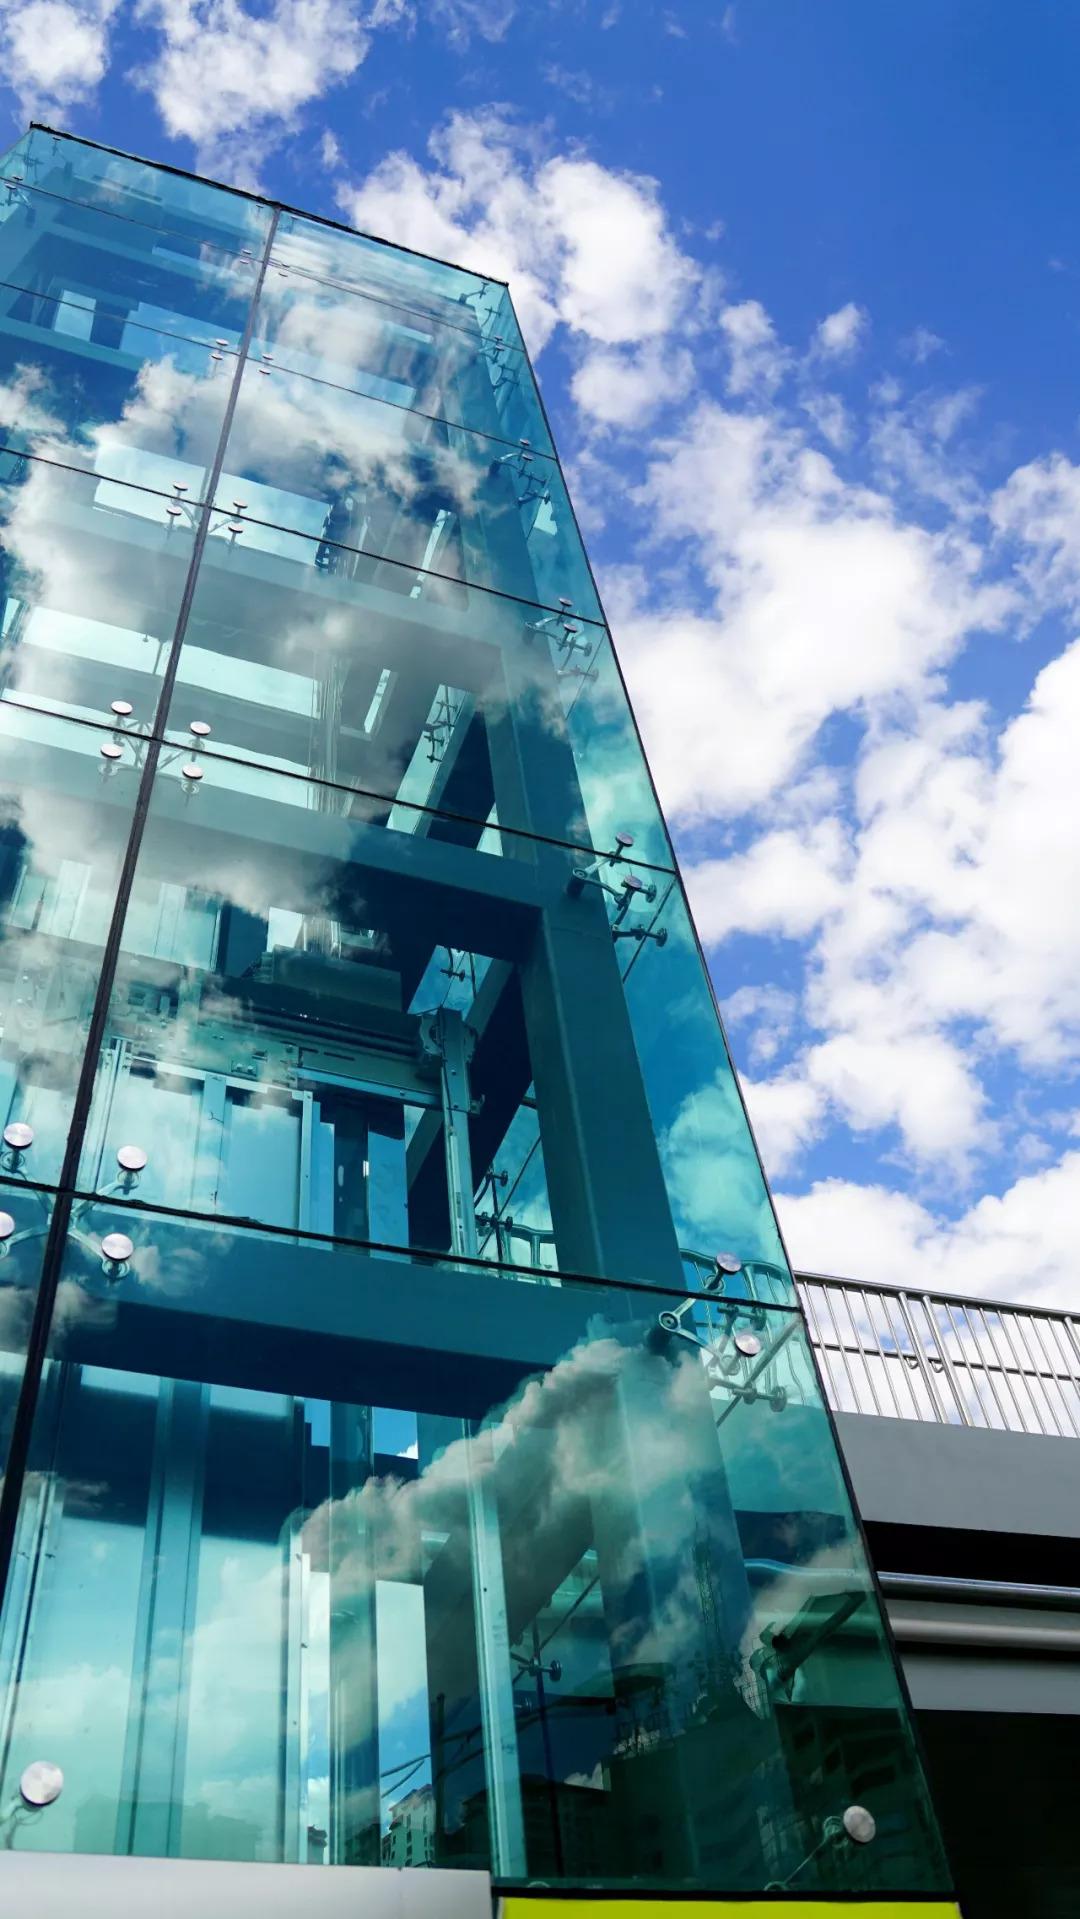 哇塞~西宁每座过街天桥都要装直升电梯2007用cad虚线画怎么图片